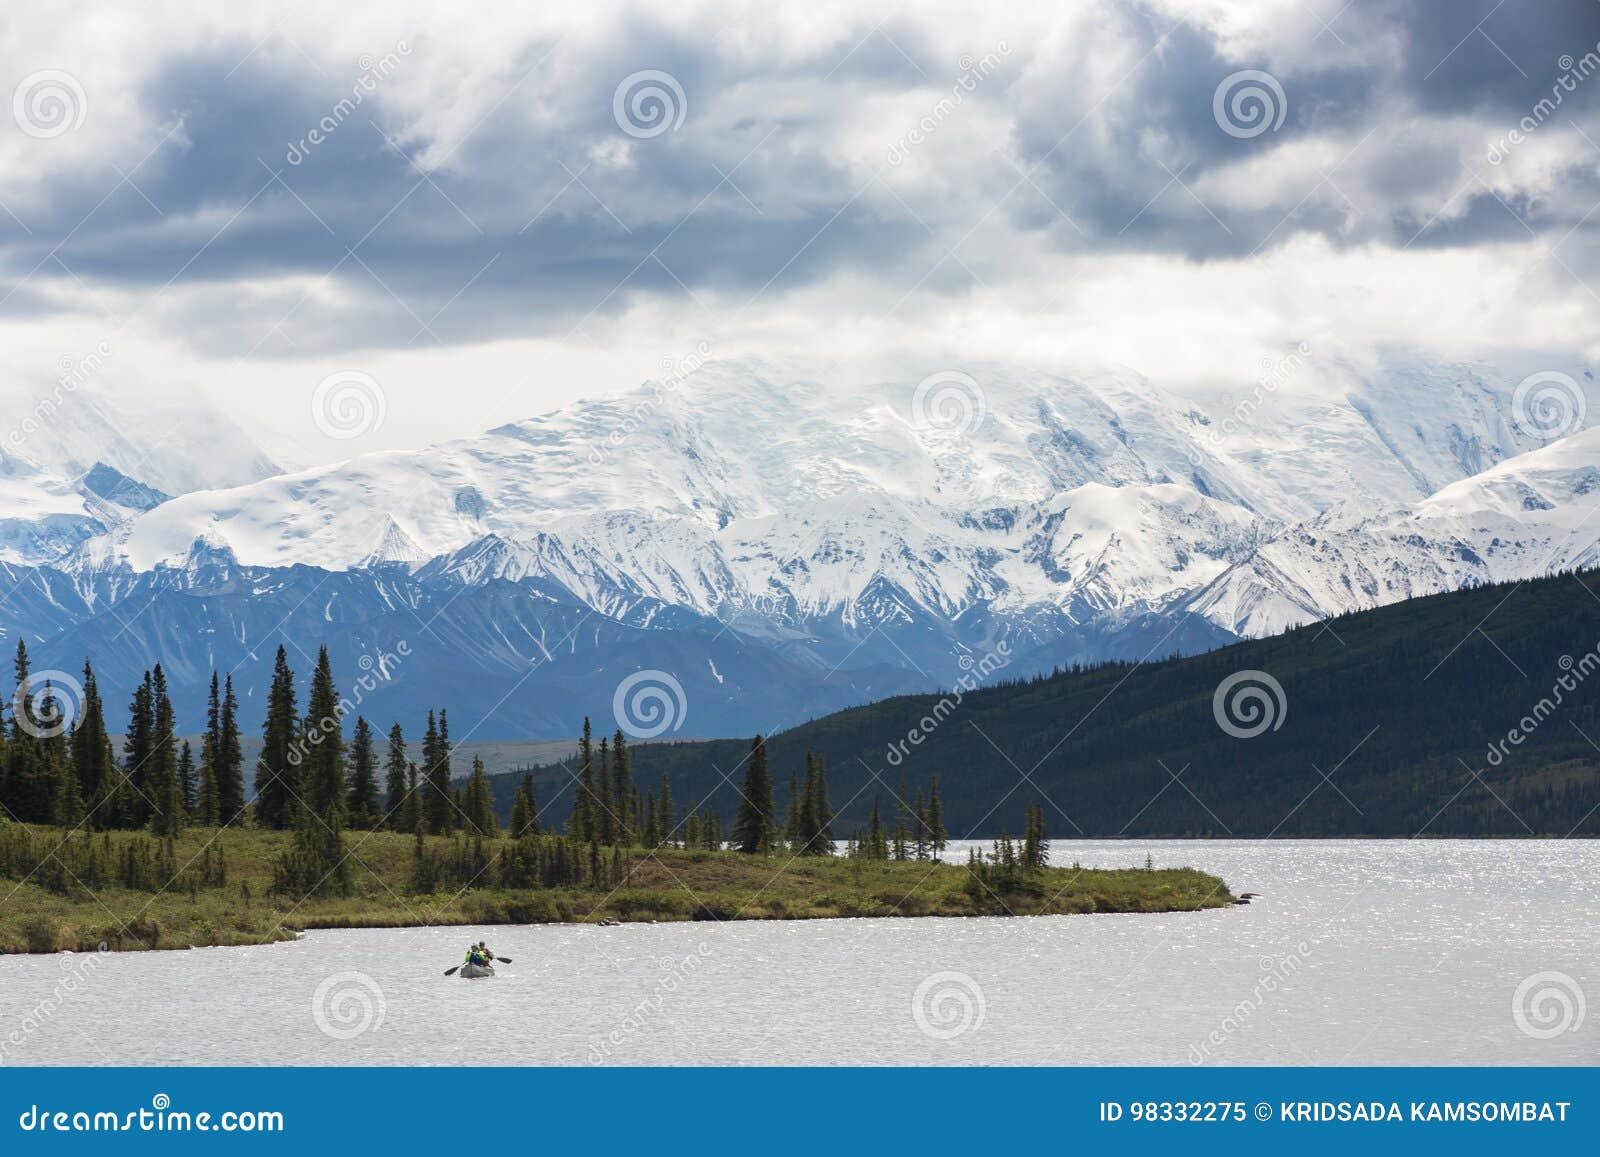 Kajak w Cud jeziorze